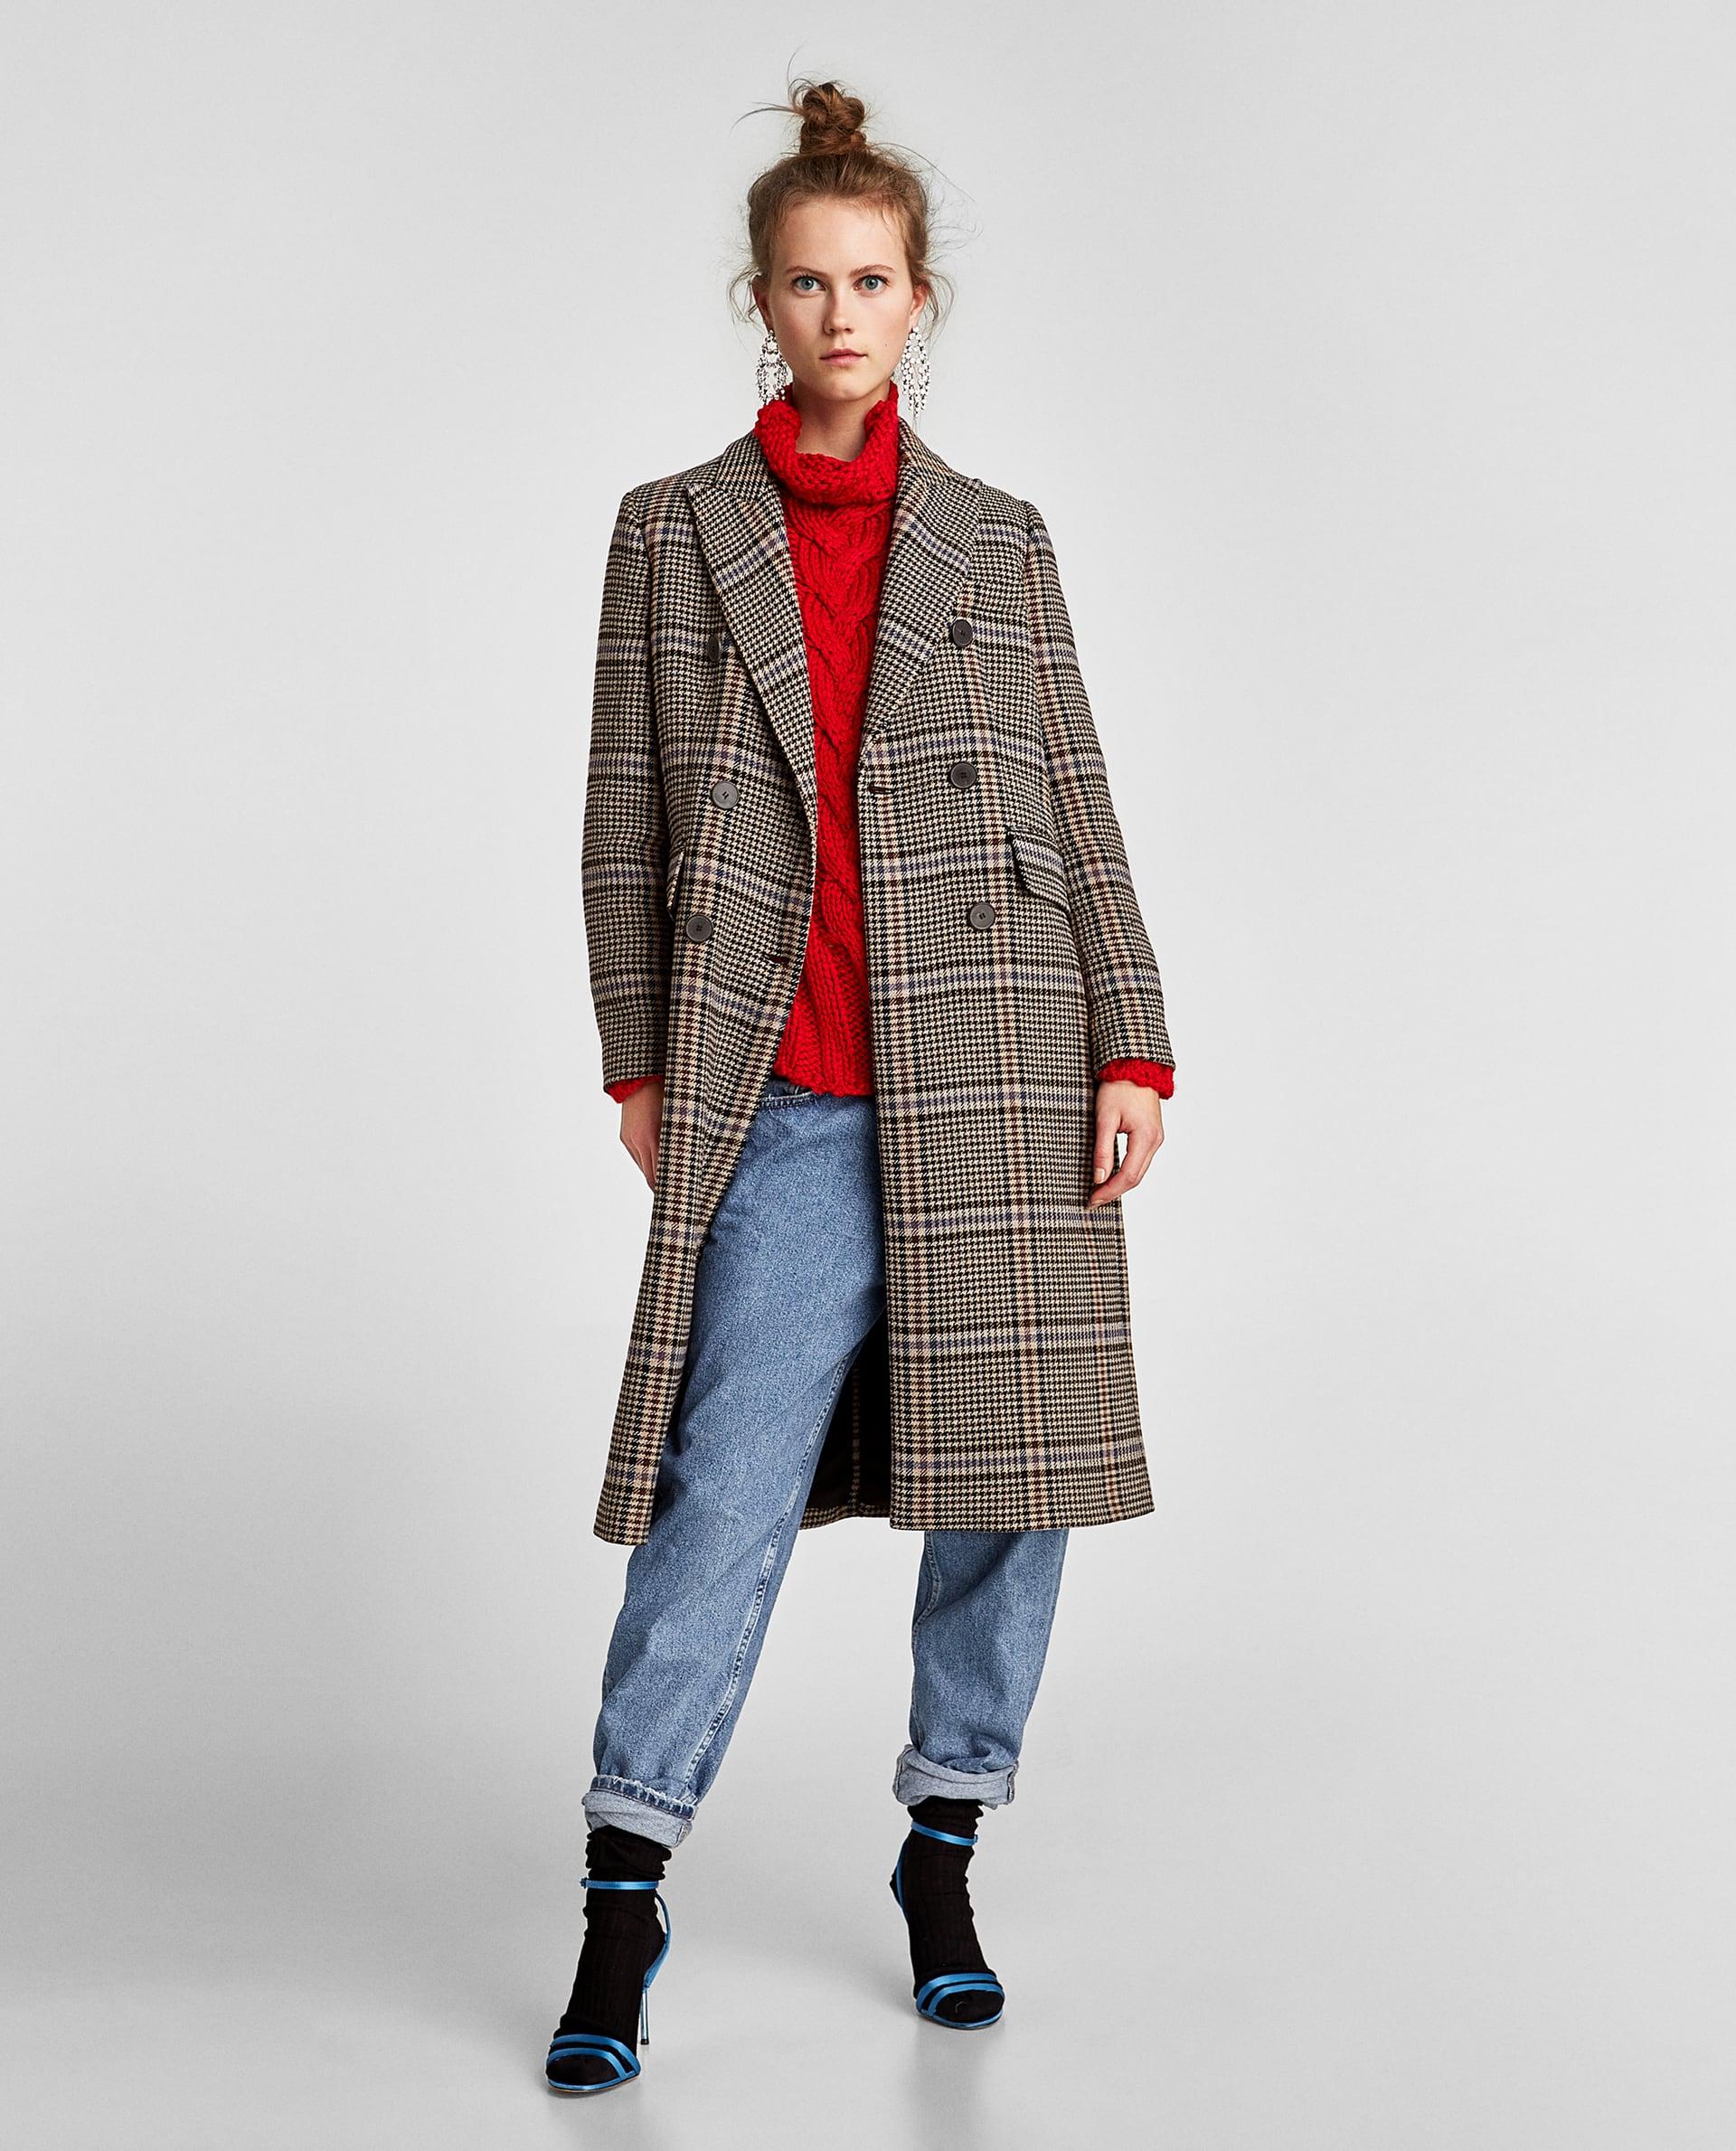 Cappotto a quadri Zara saldi invernali 2018